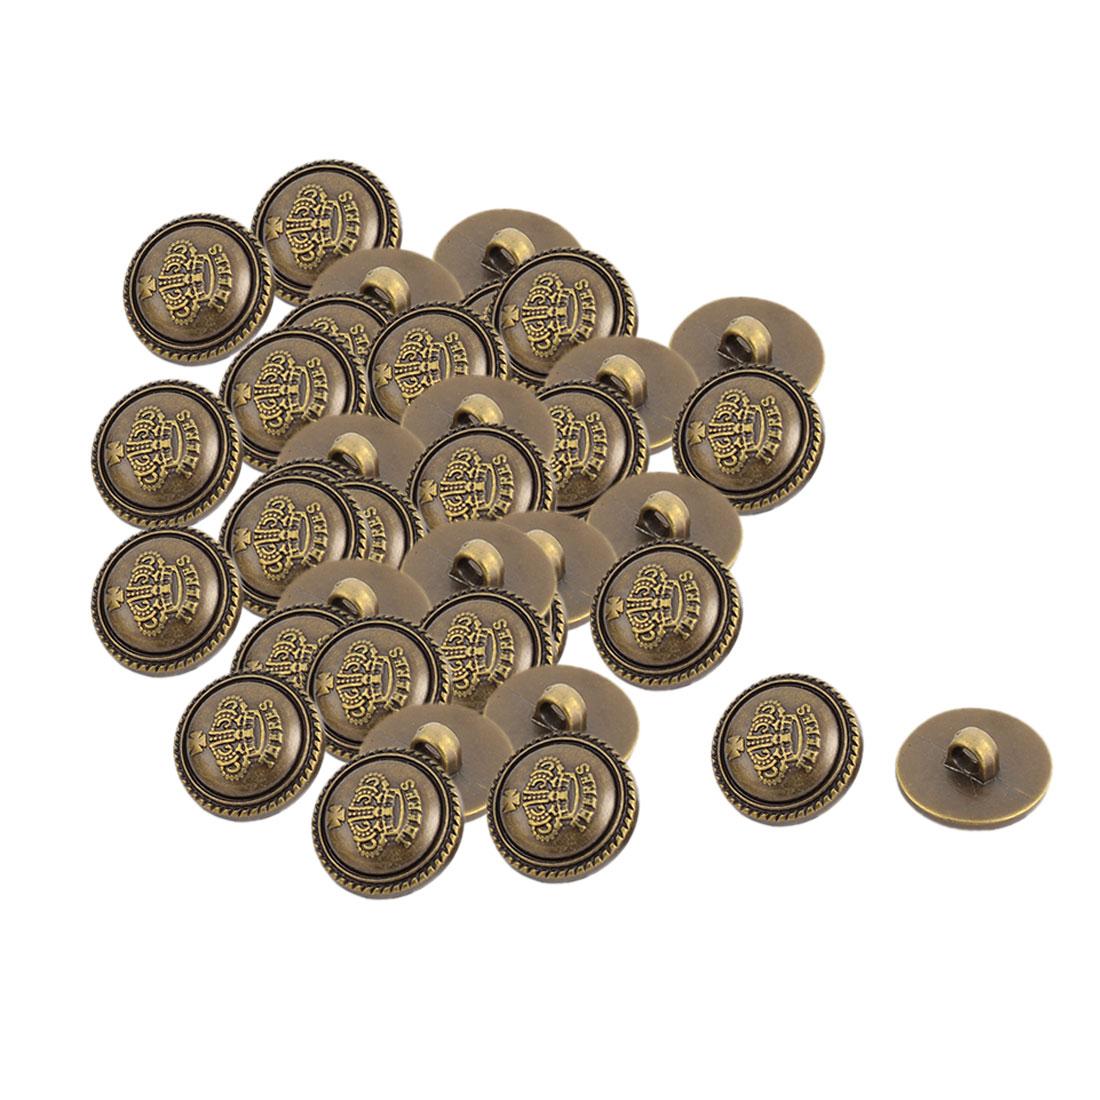 Home Plastic Crown Pattern DIY Decor Clothes Jeans Buttons Bronze Tone 40 Pcs